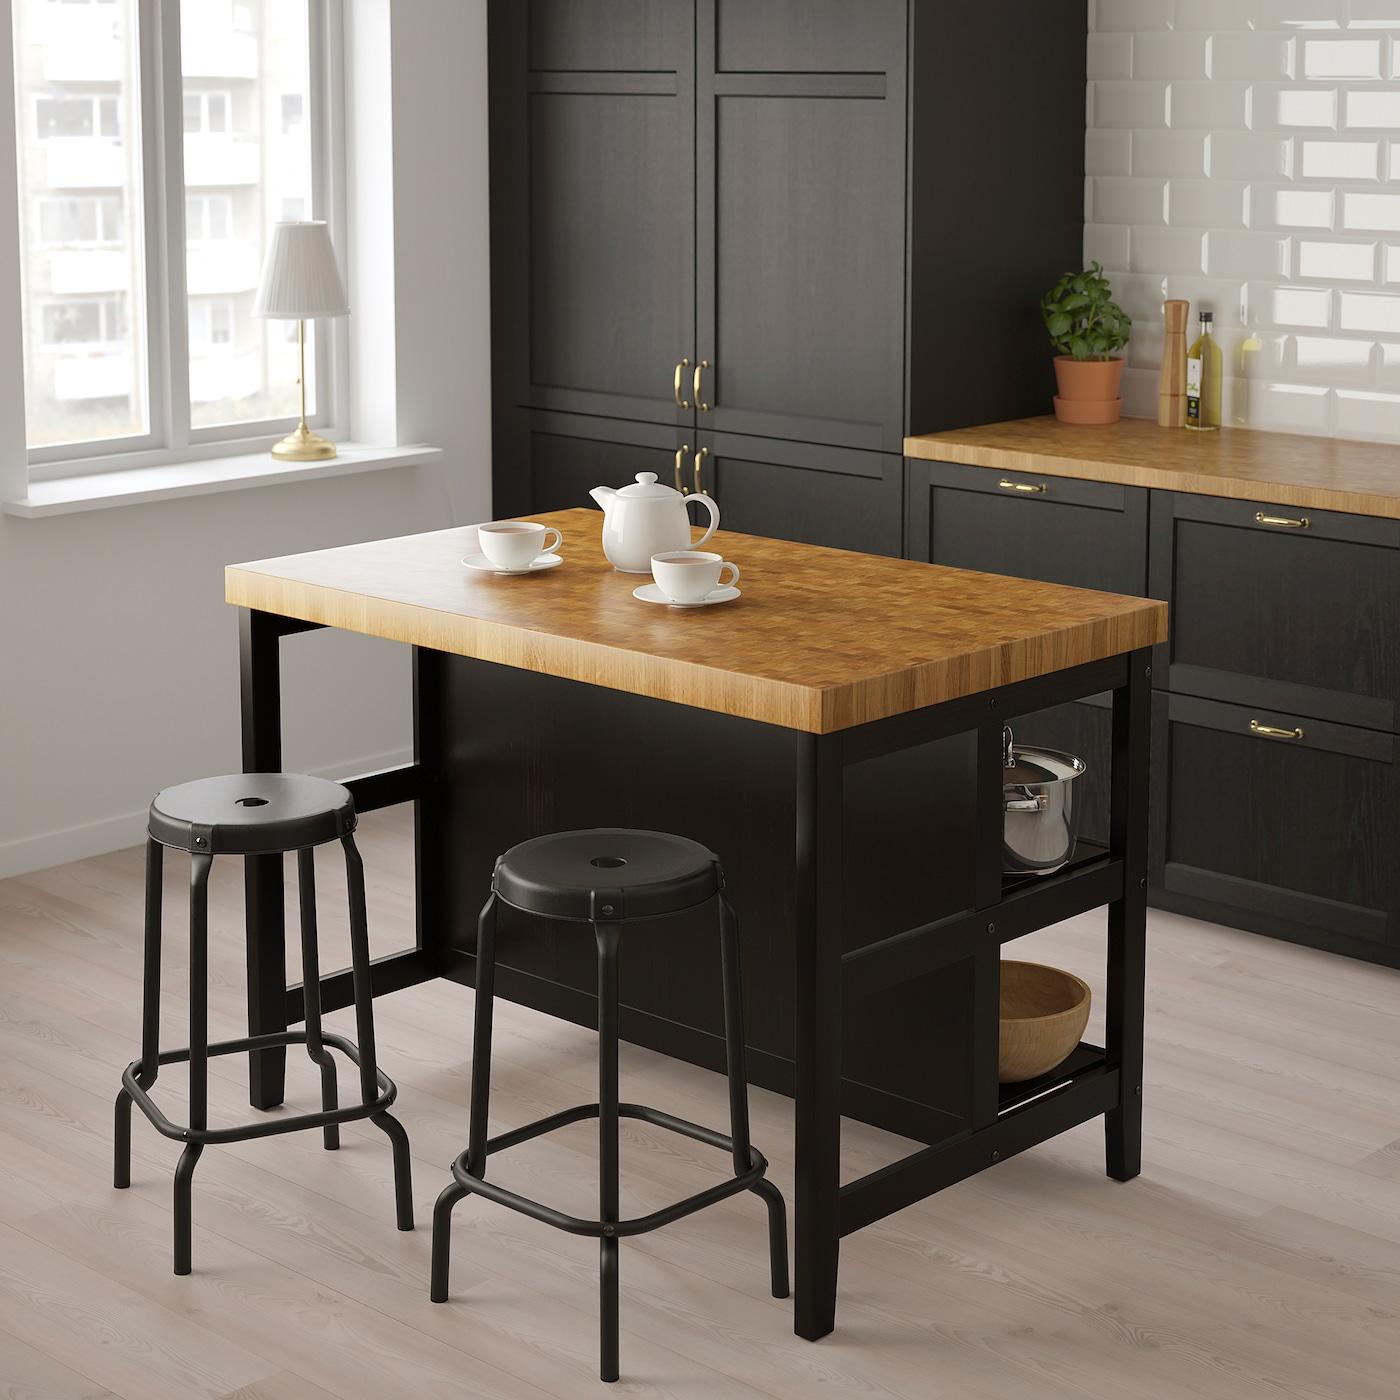 Vadholma Ilot Pour Cuisine Noir Chene Achetez Aujourd Hui Ikea